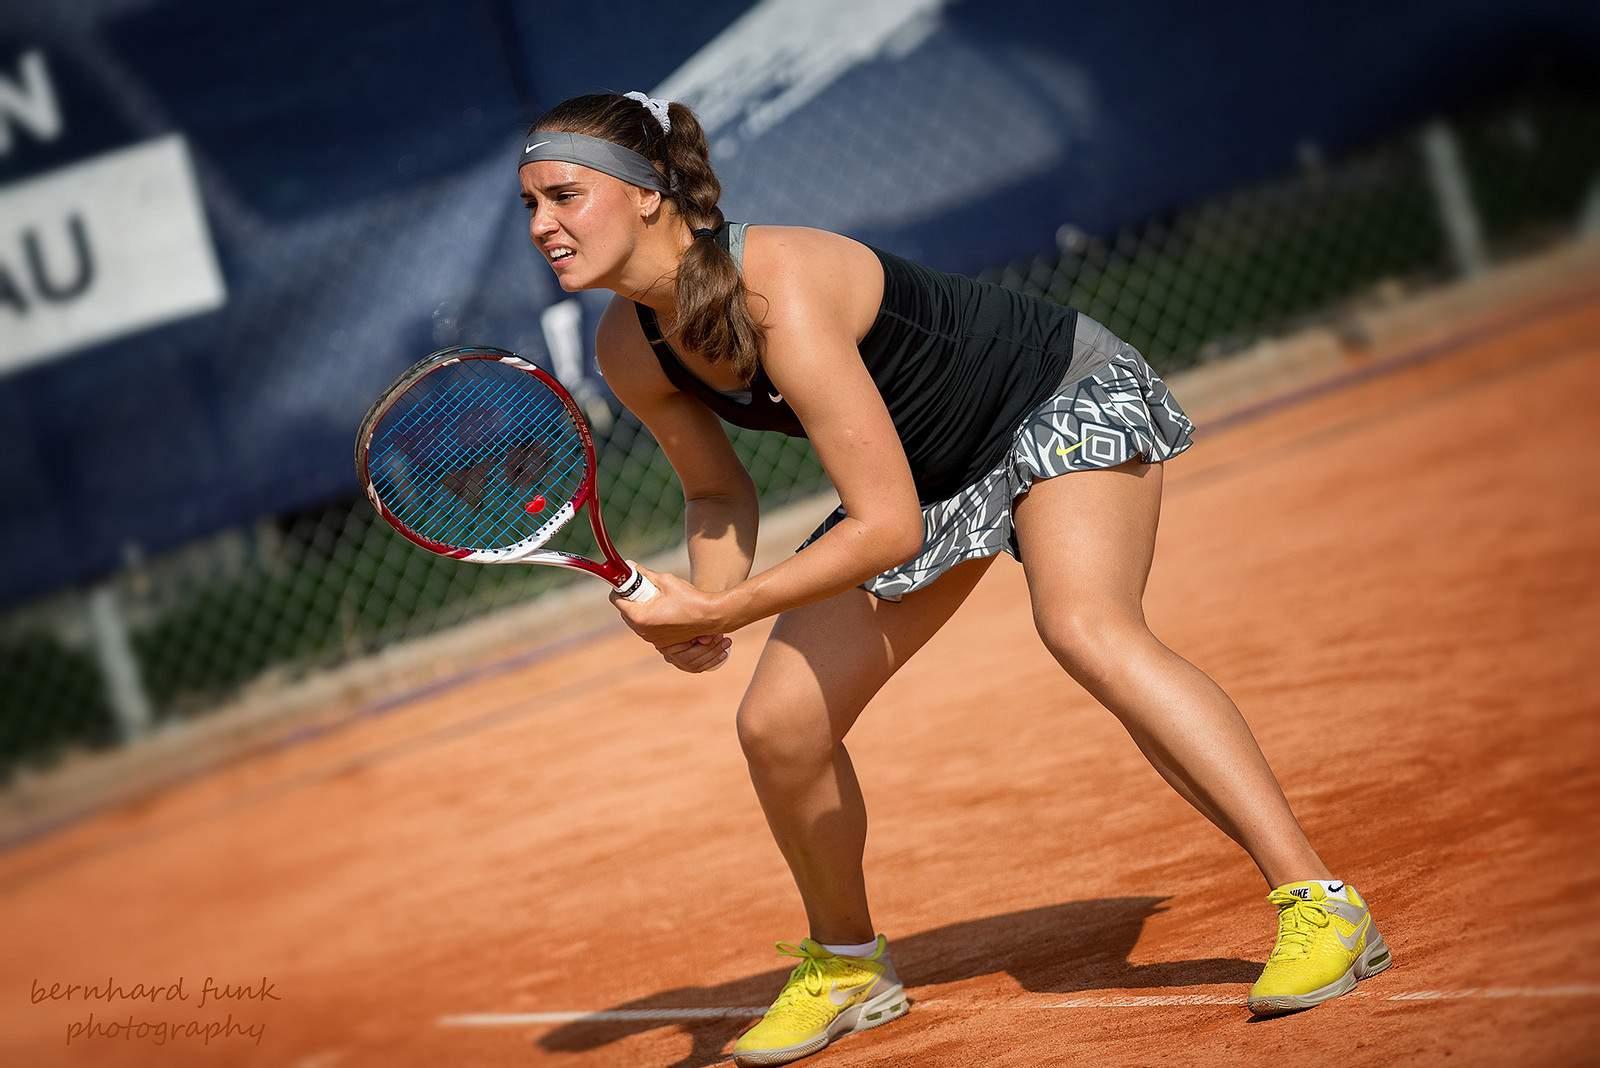 Ангелина Калинина - Анна Калинская. Прогноз и ставки на теннис. 13 июля 2021 года